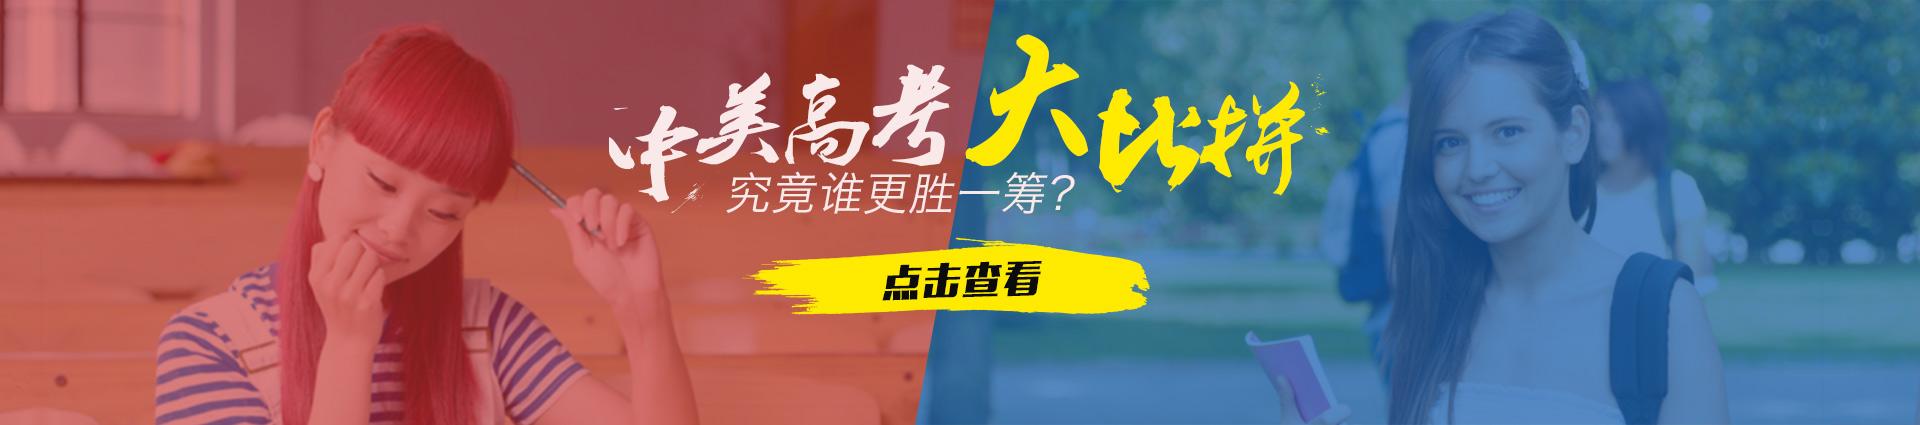 中美高考大PK